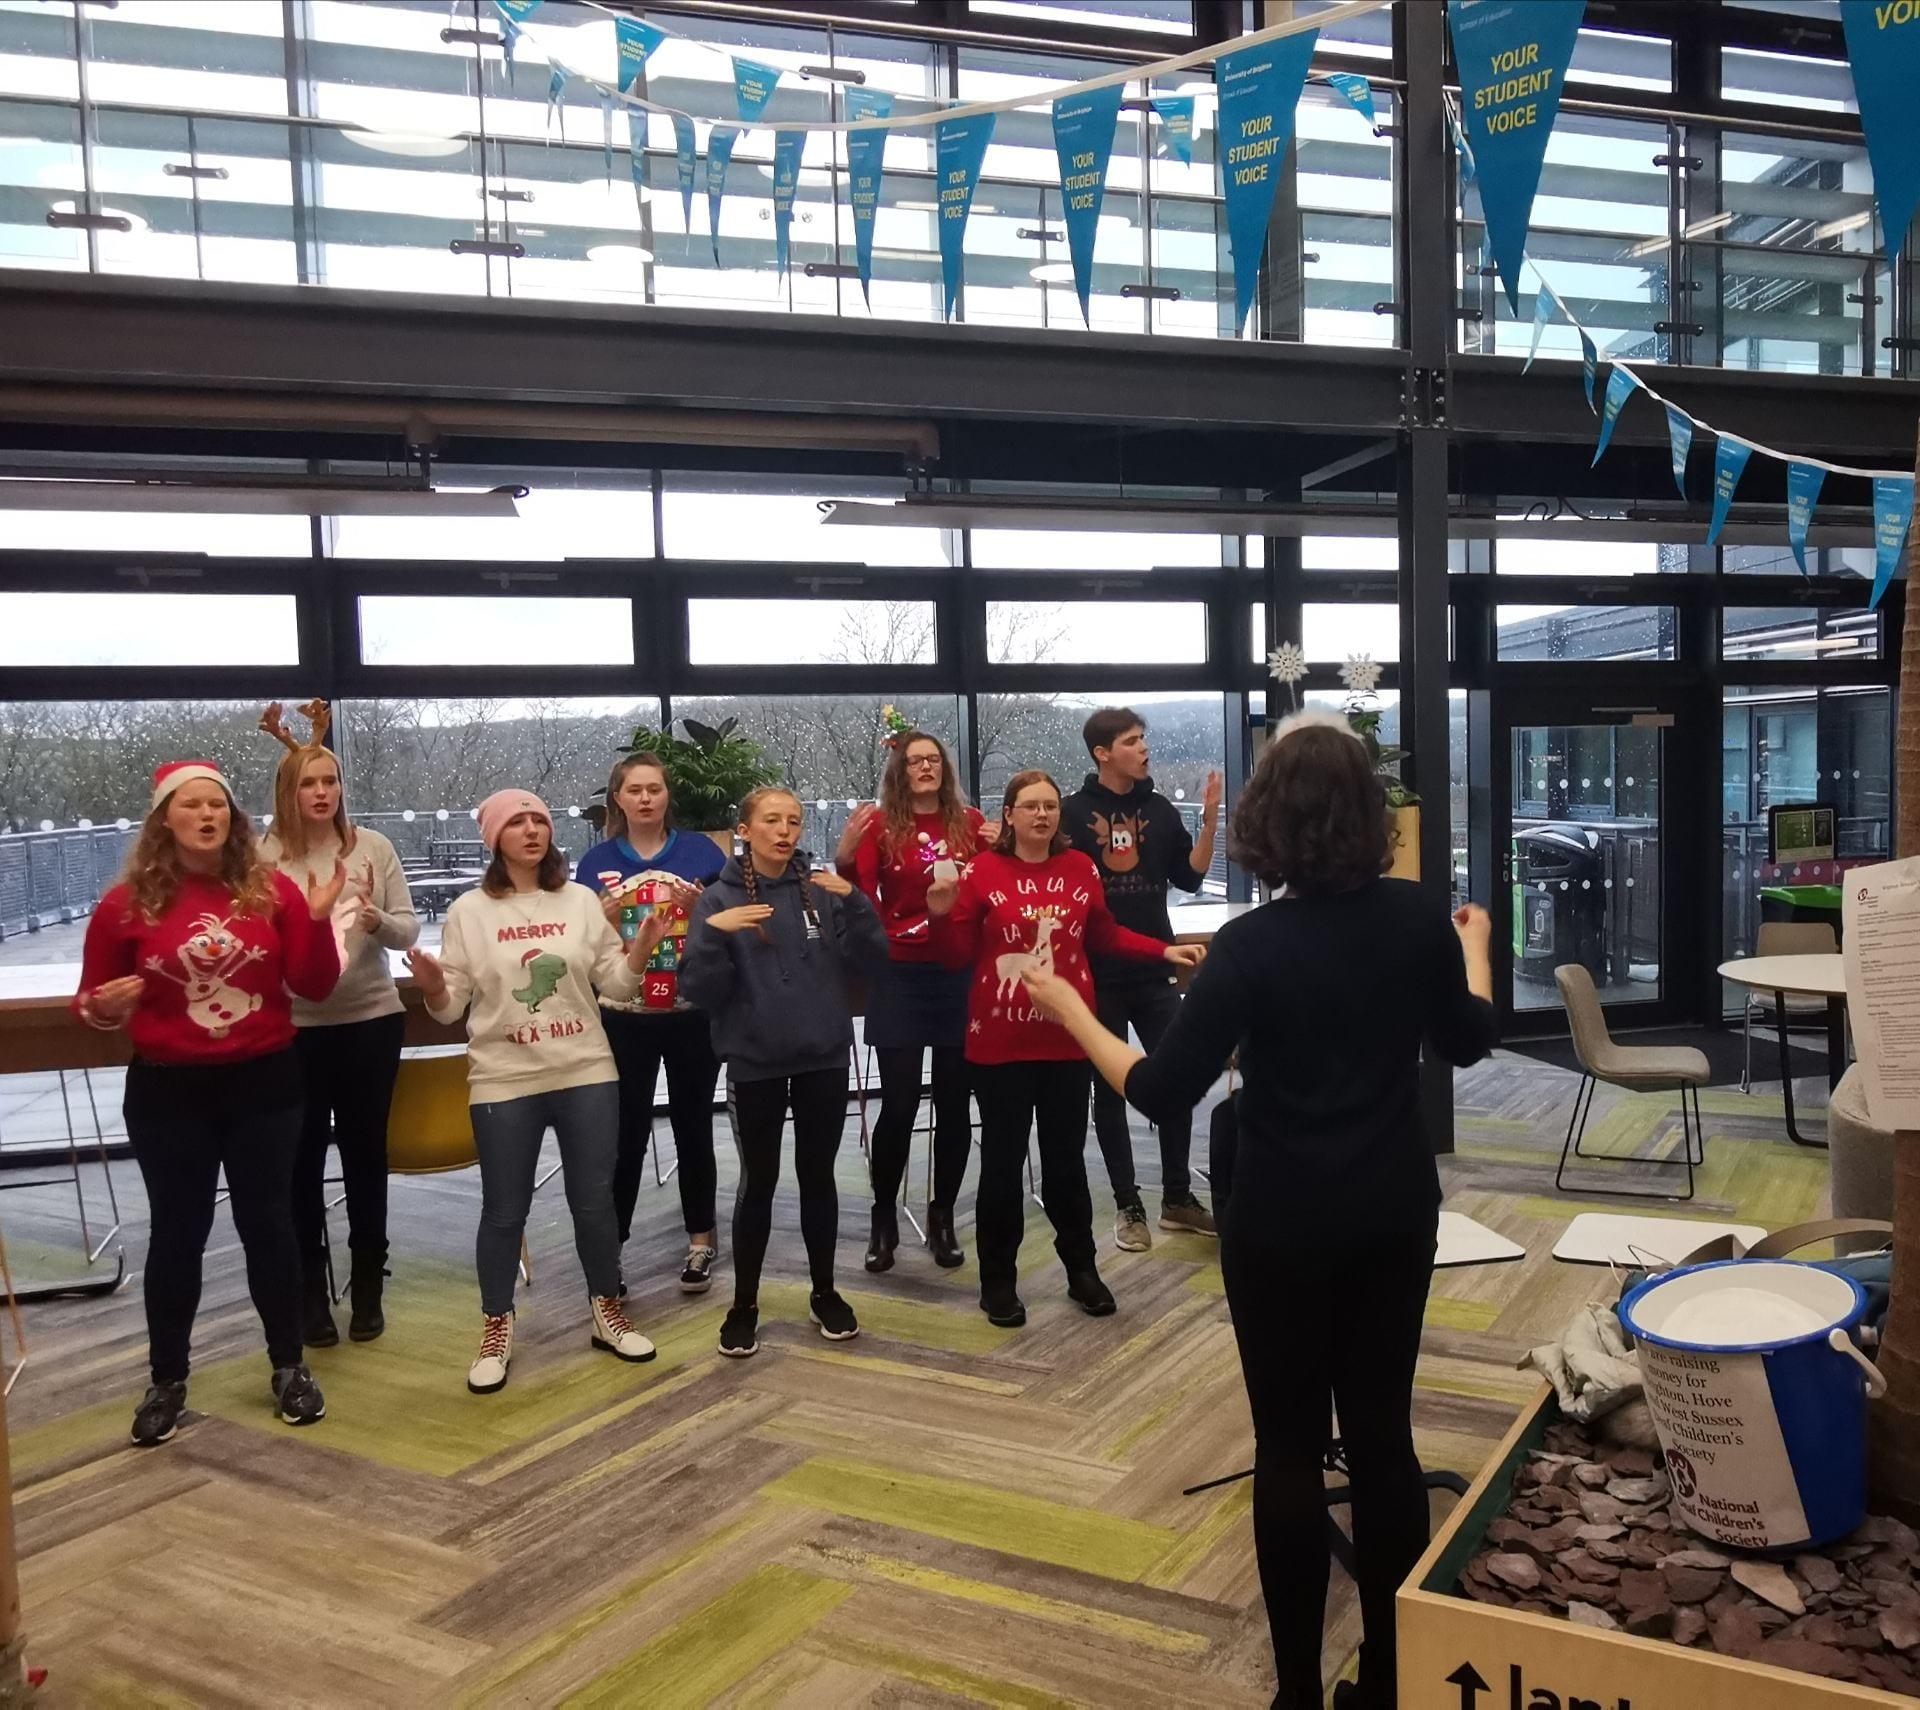 British Sign Langauge society performing carols